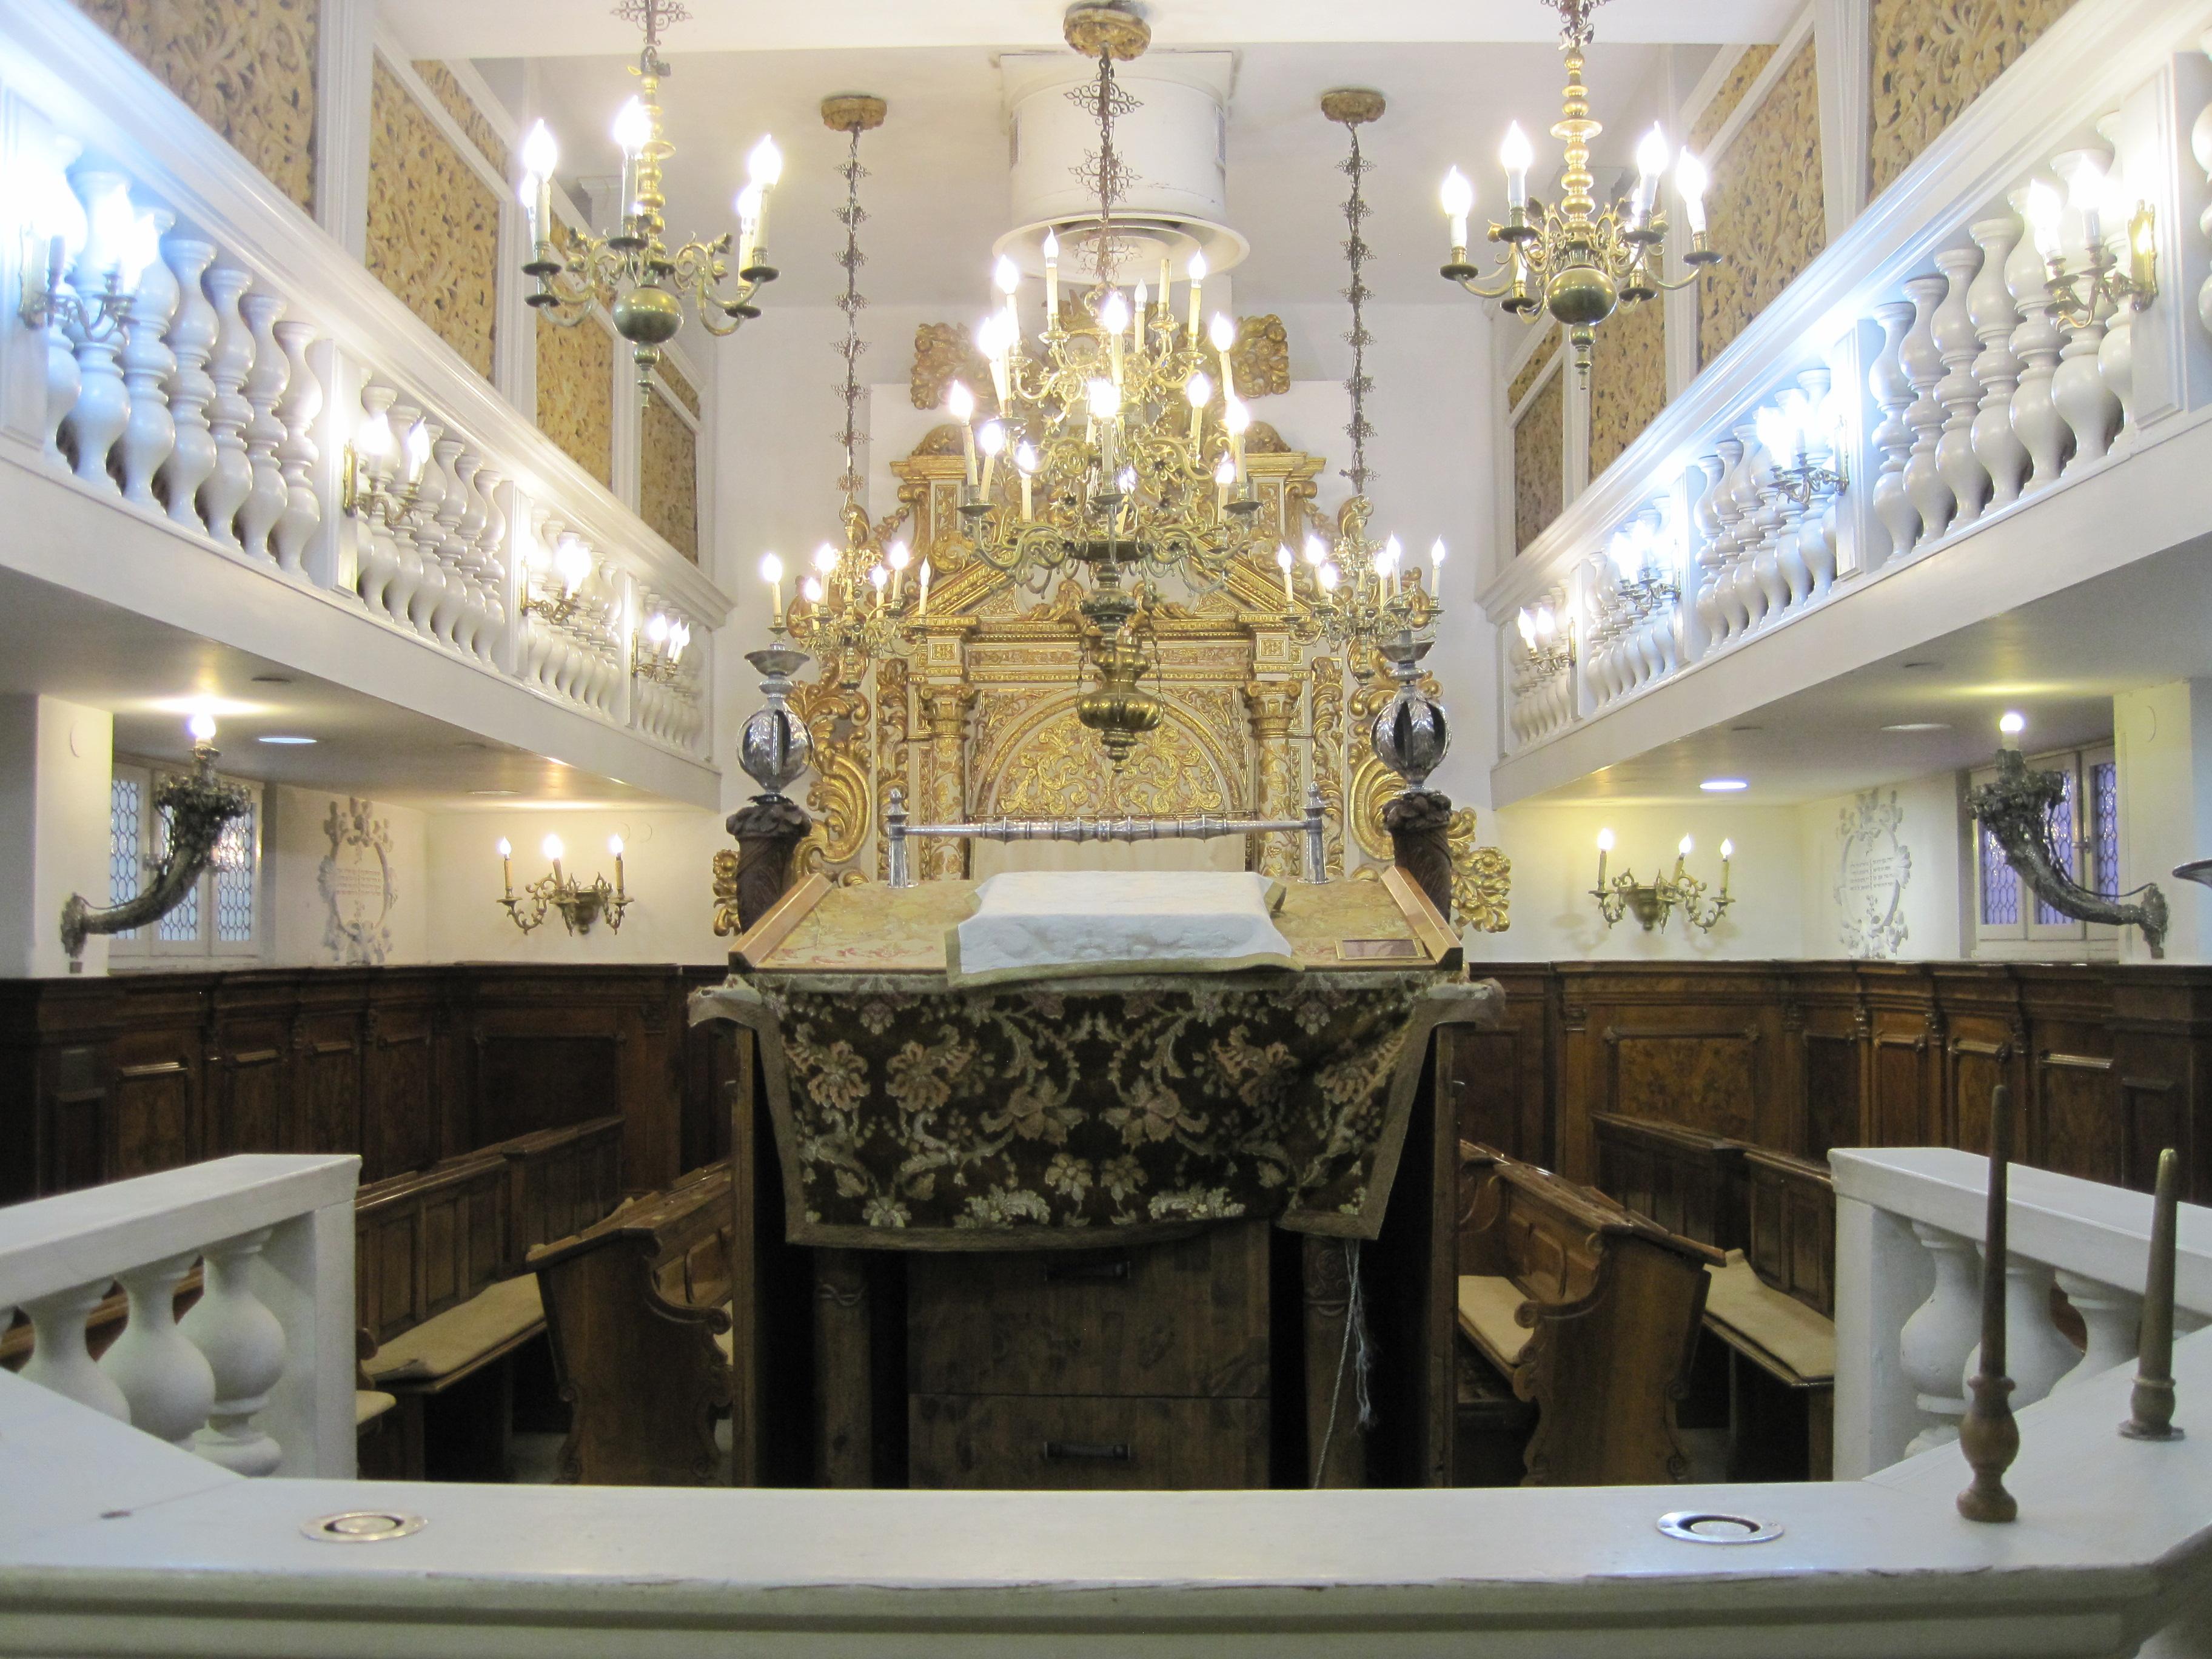 מסודר בית הכנסת האיטלקי (ירושלים) – ויקיפדיה VN-55